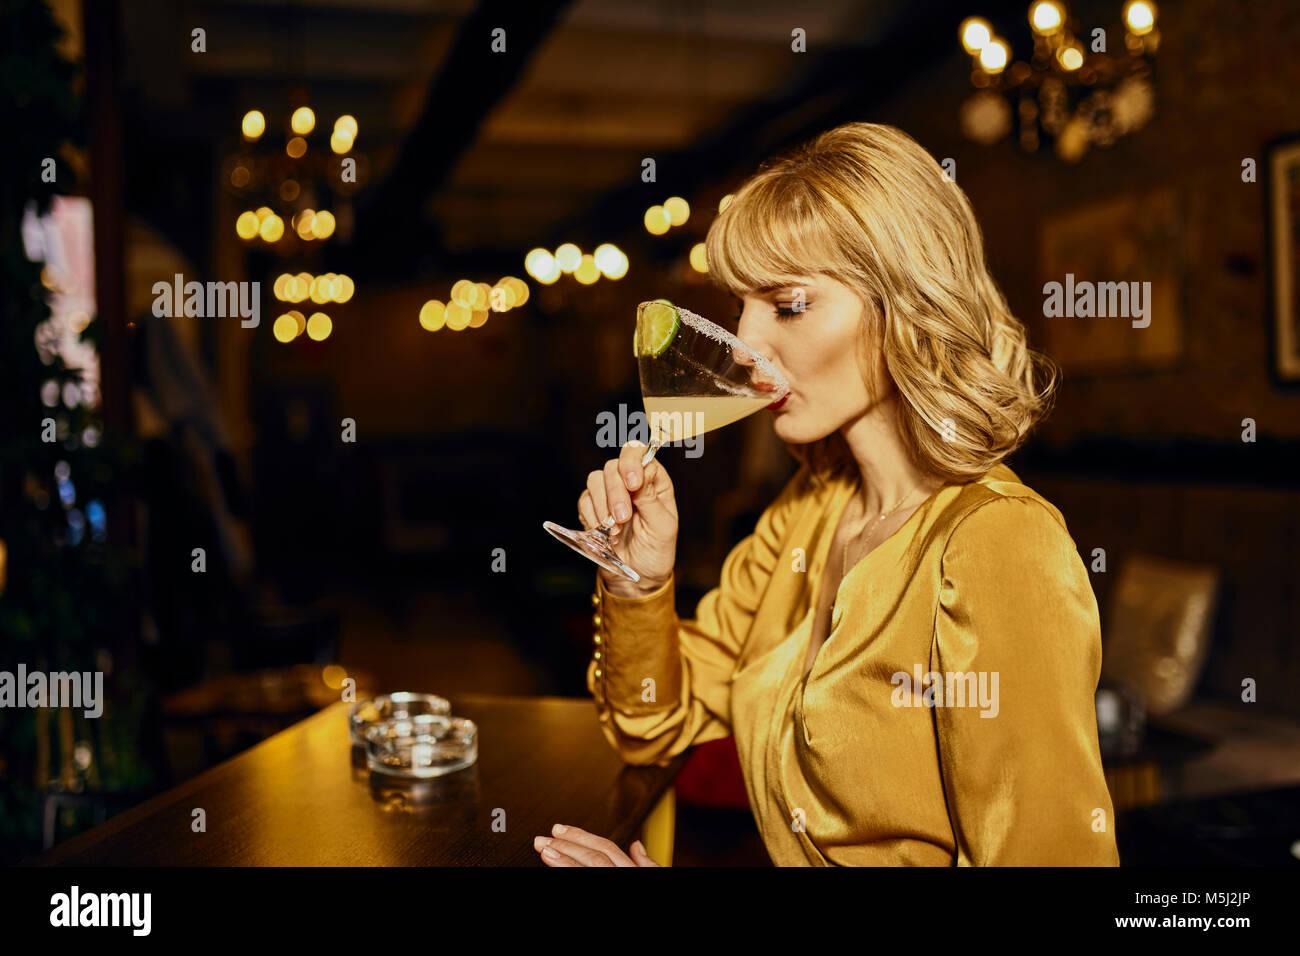 Donna elegante bere un cocktail in un bar Immagini Stock